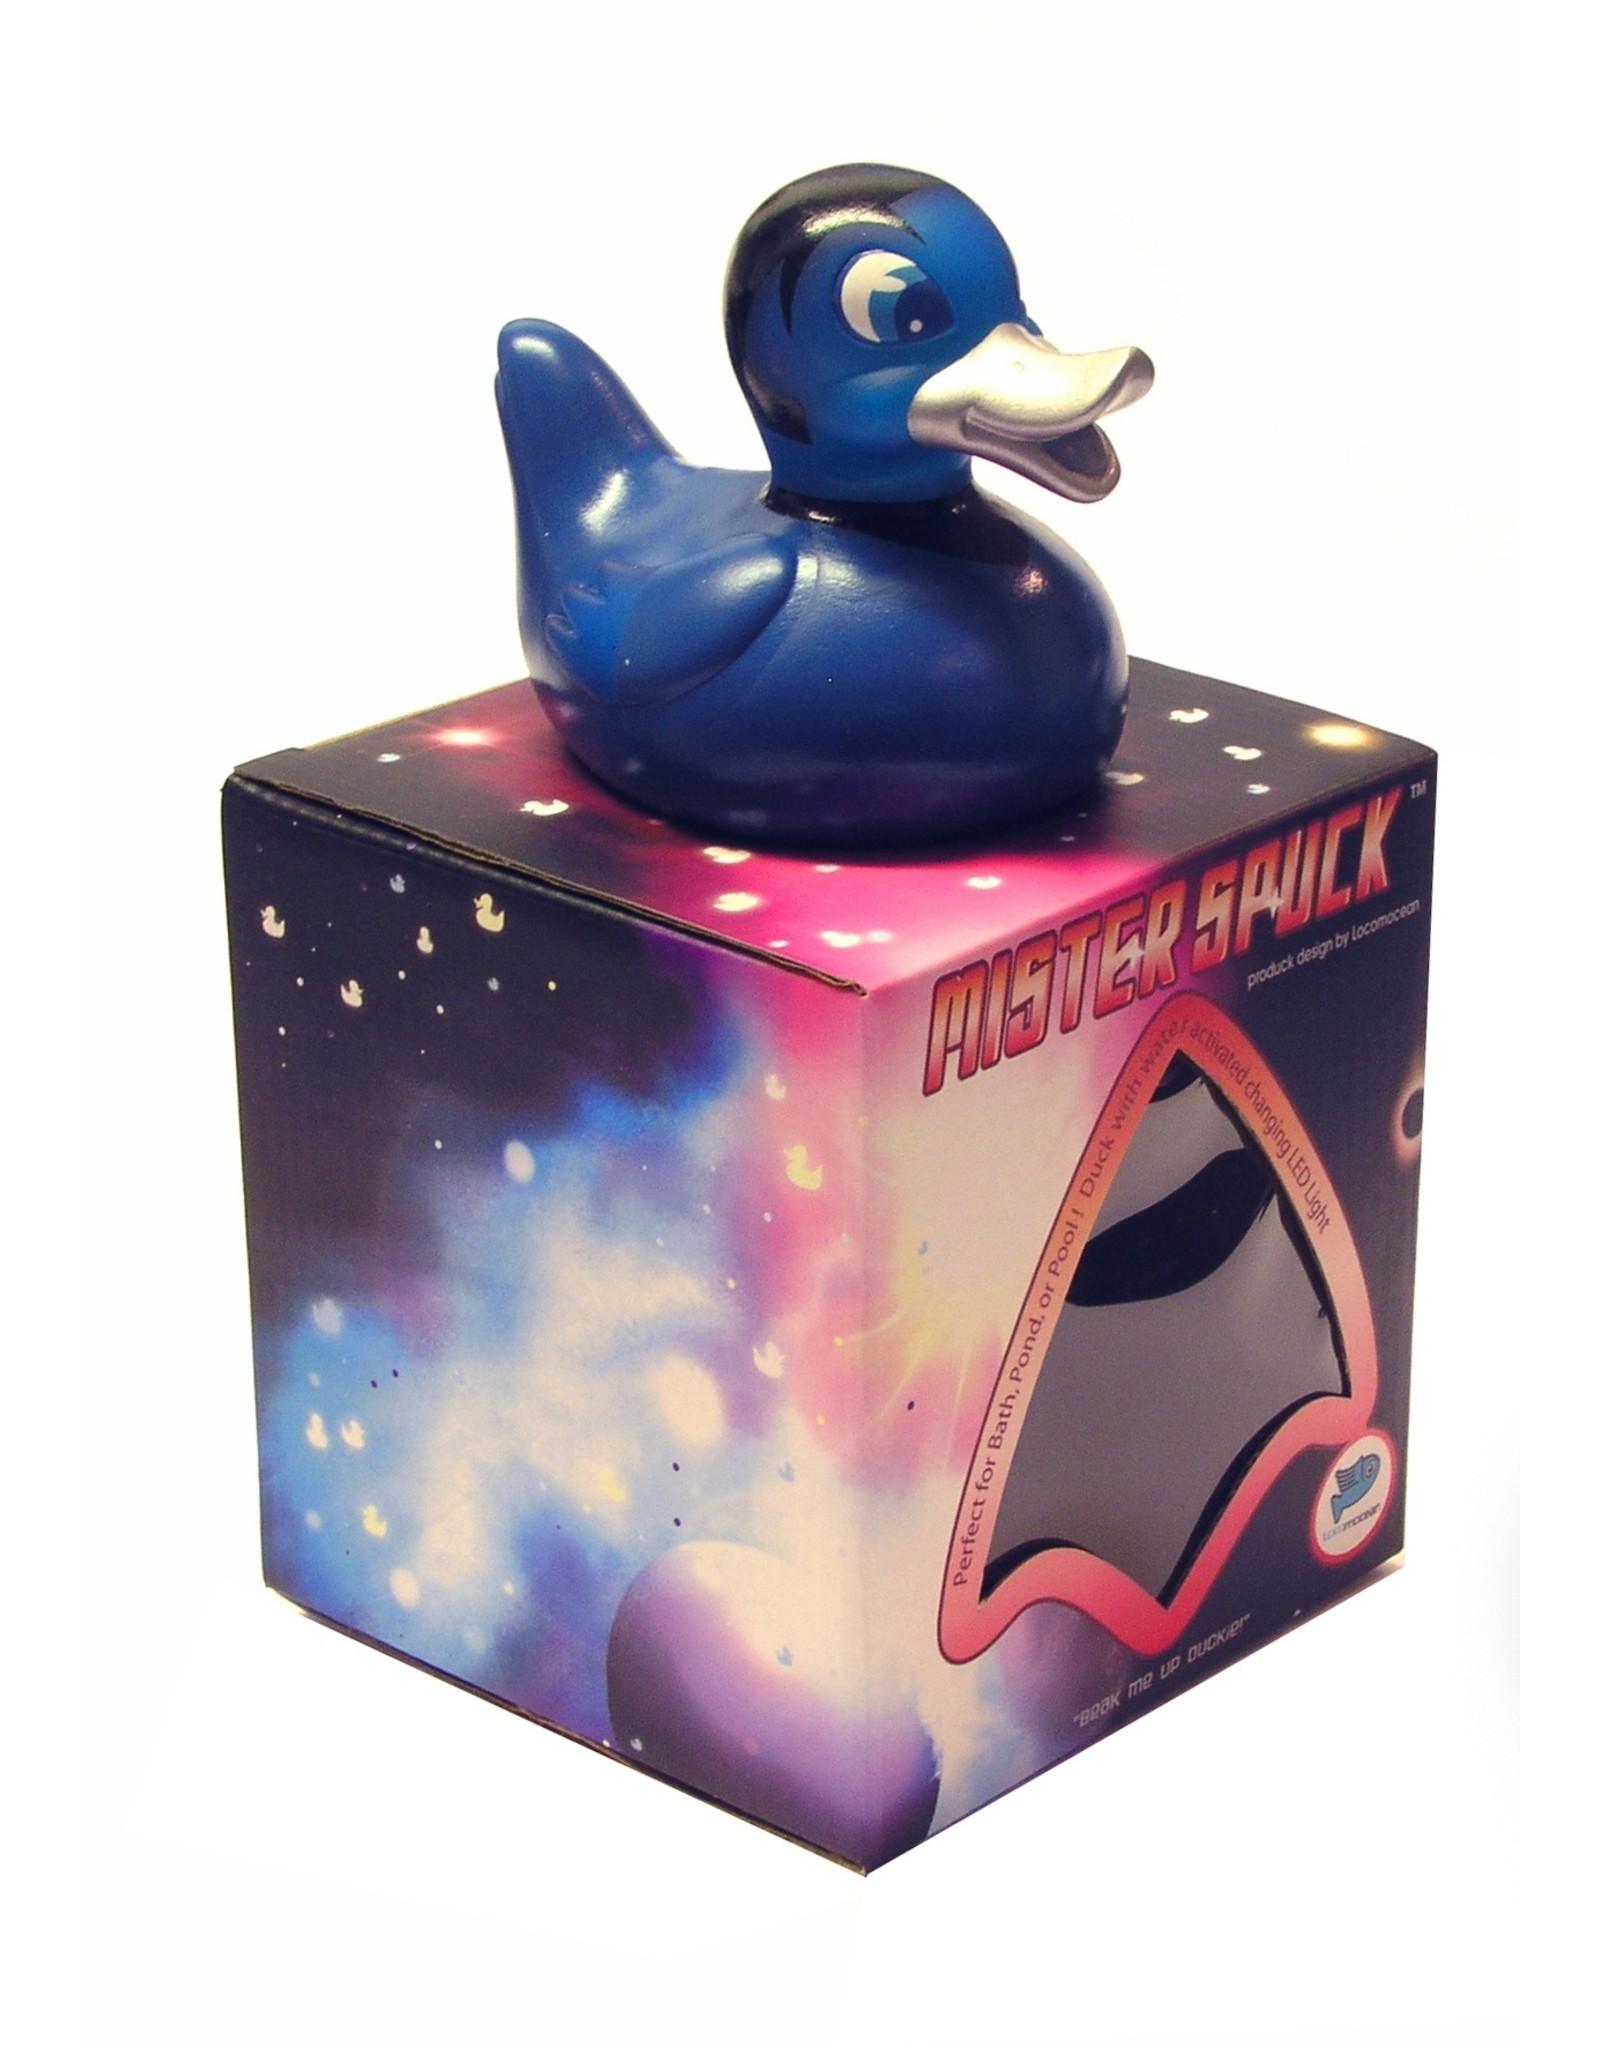 Mr. Spuck -  Glow in the Dark Rubber Duck